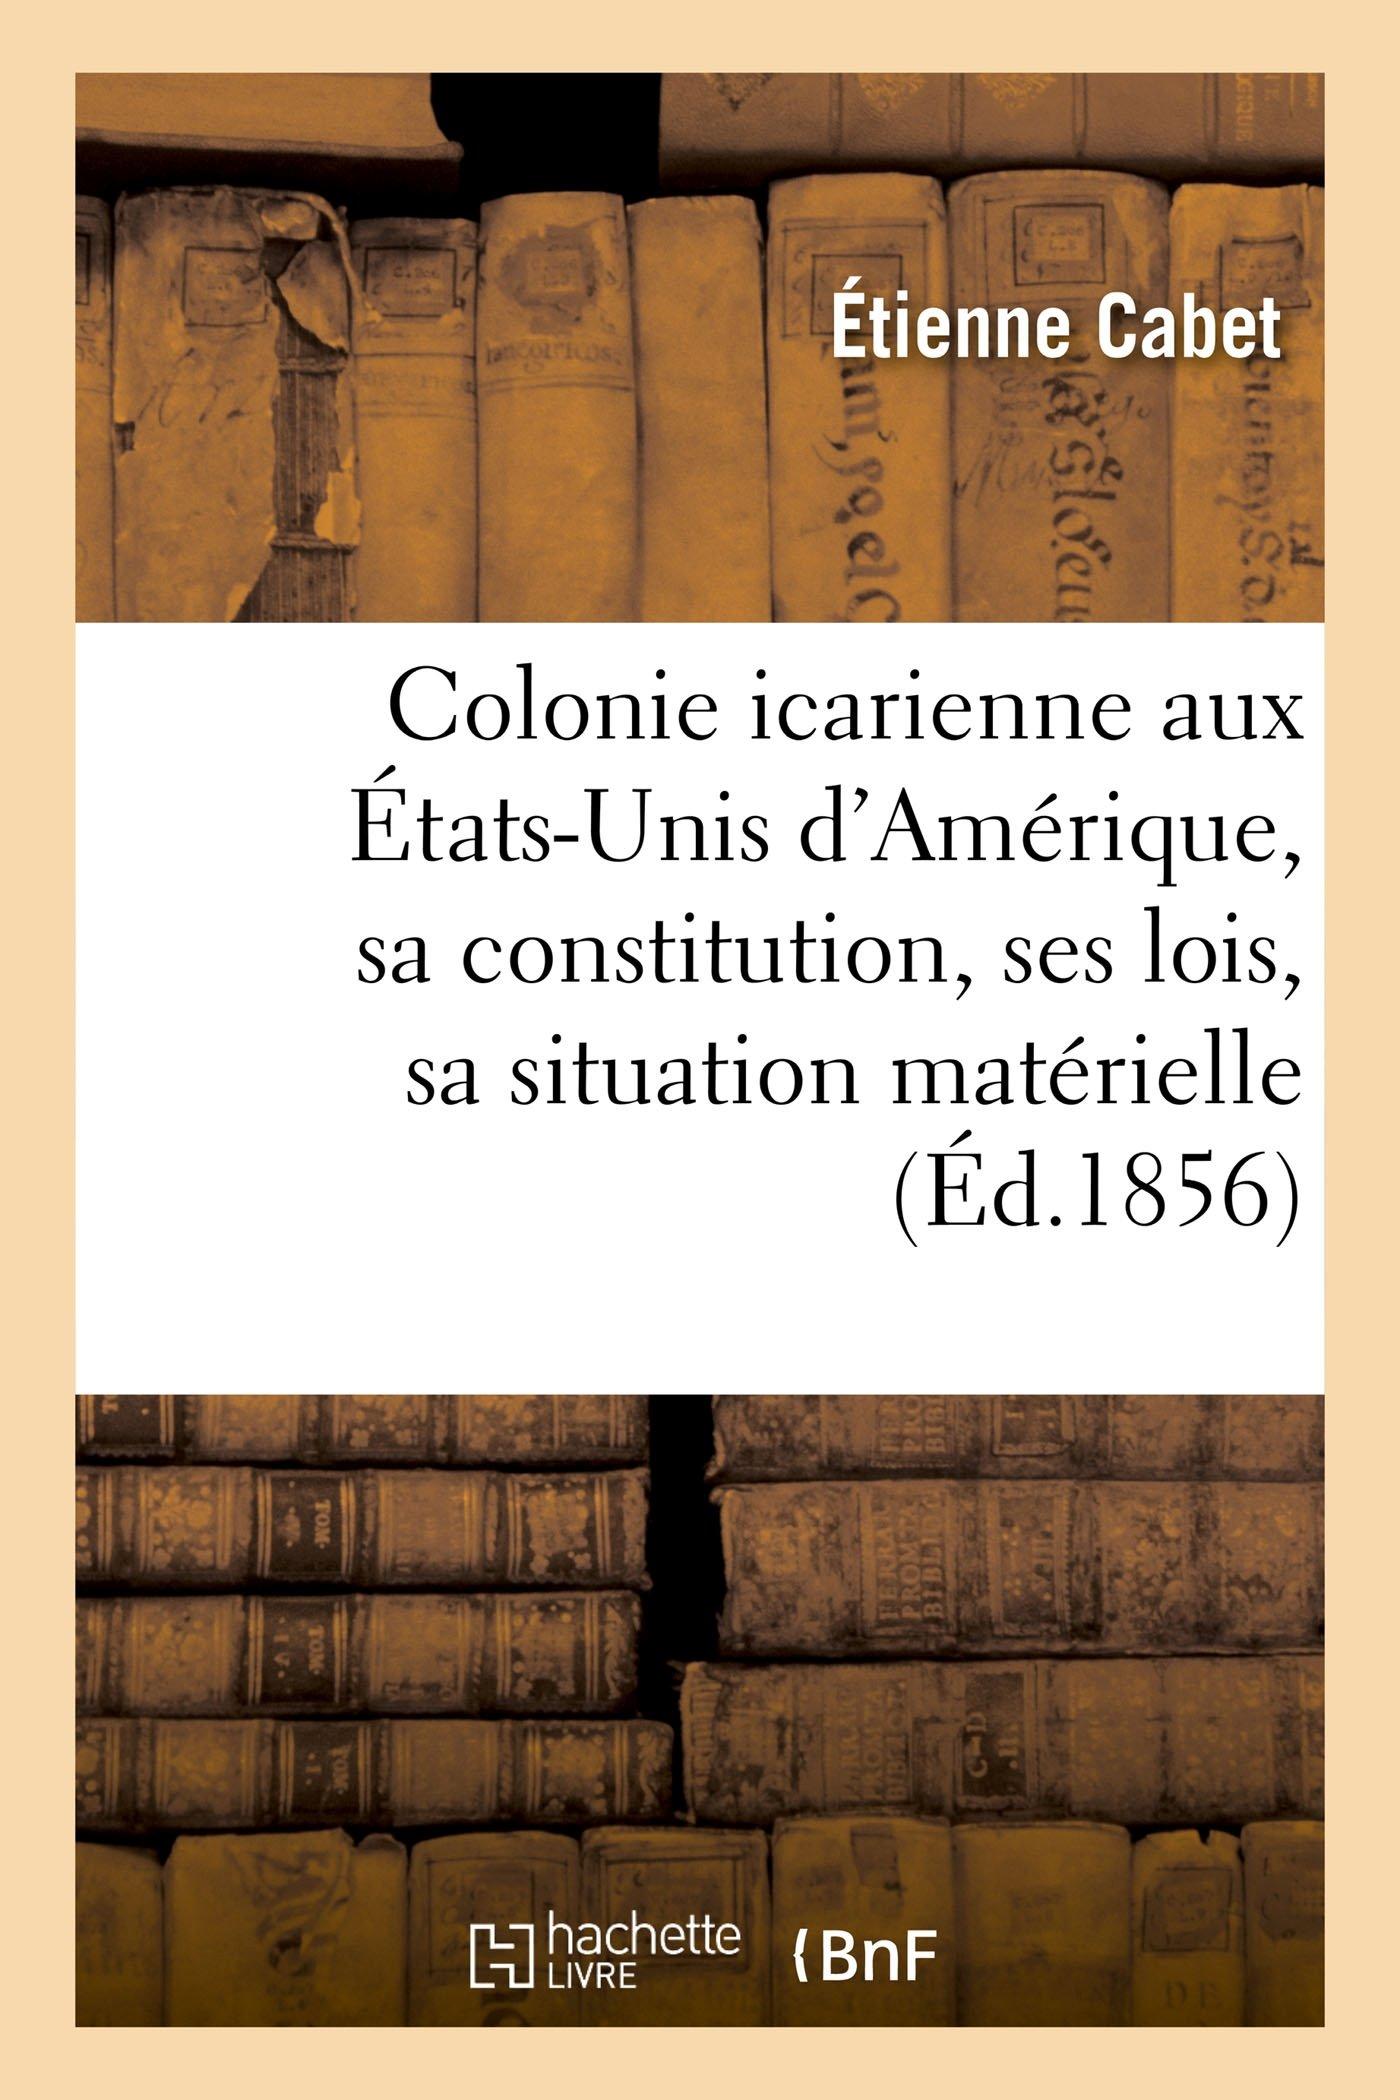 Read Online Colonie Icarienne Aux États-Unis d'Amérique: Sa Constitution, Ses Lois, Sa Situation Matérielle (Sciences Sociales) (French Edition) PDF